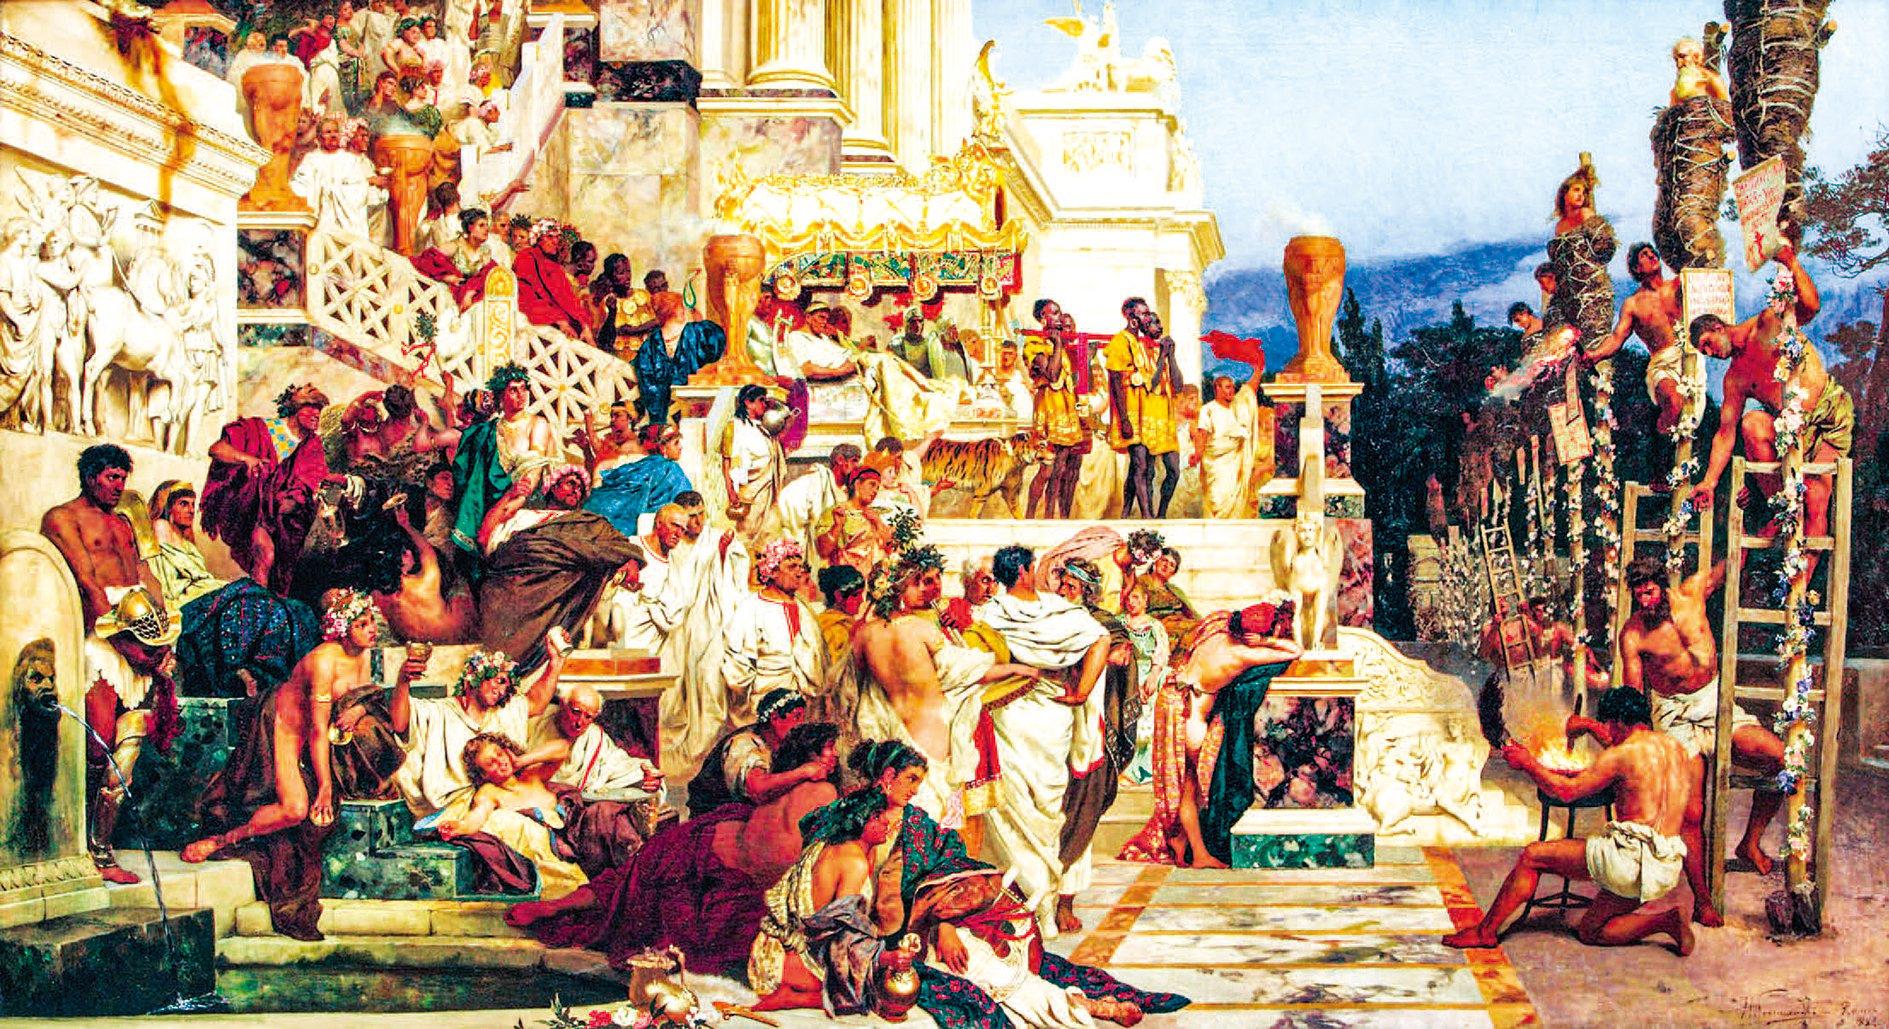 《尼祿的火炬》(The Torches of Nero),1882年作。該油畫描述羅馬皇帝尼祿用火刑迫害基督徒的情景。圖中右邊基督徒被包裹著乾草準備點燃;左邊無論是貴族,還是平民,都悠然地等待欣賞。( 公有領域)